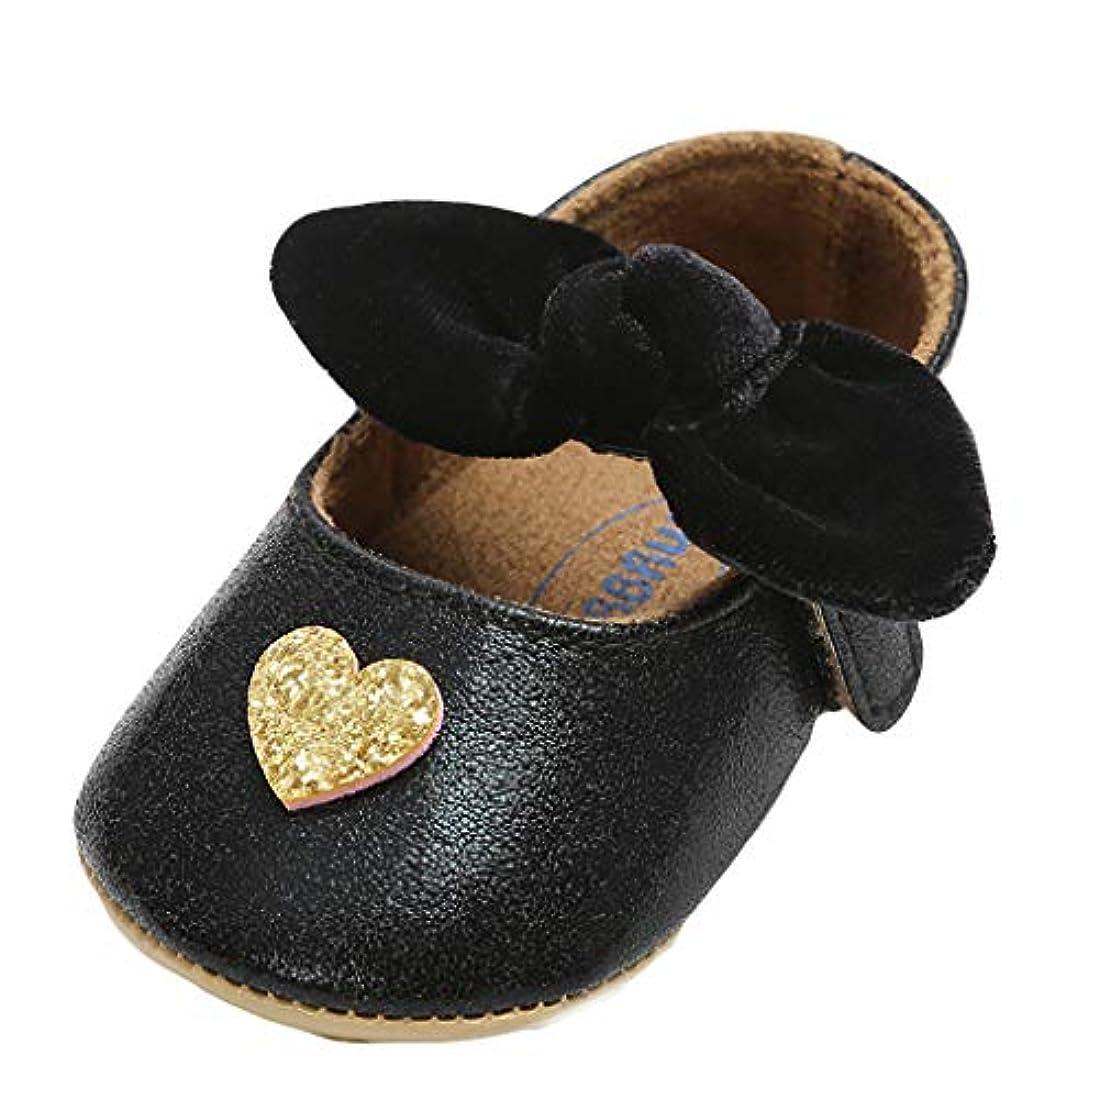 男やもめレンディションベール弓の赤ちゃん幼児靴